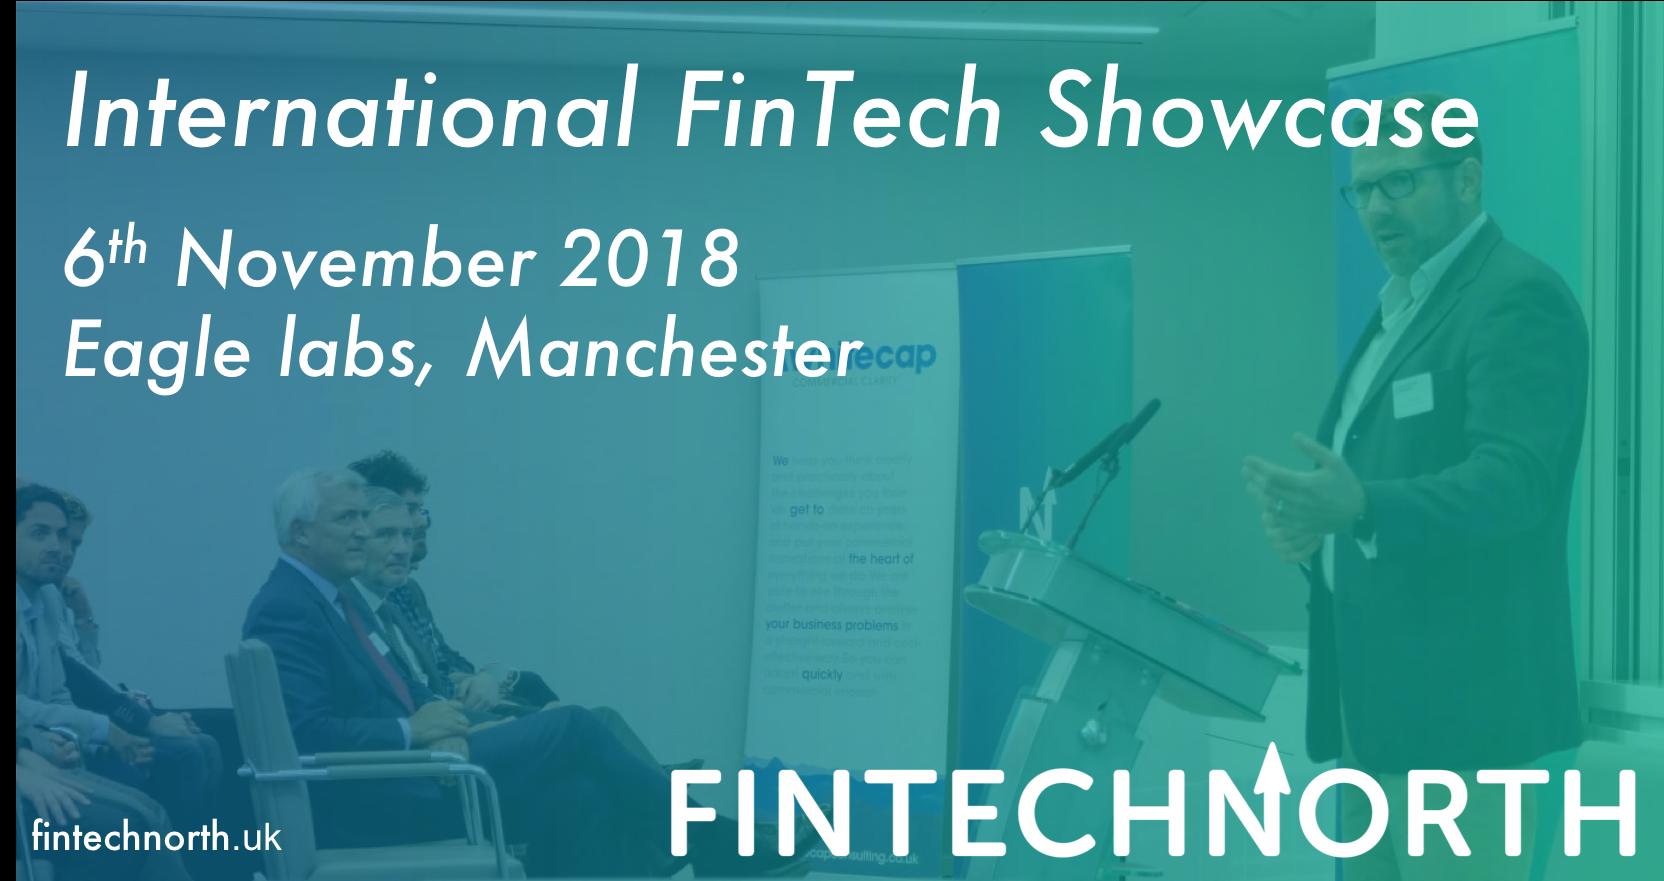 International FinTech Showcase Manchester: Agenda